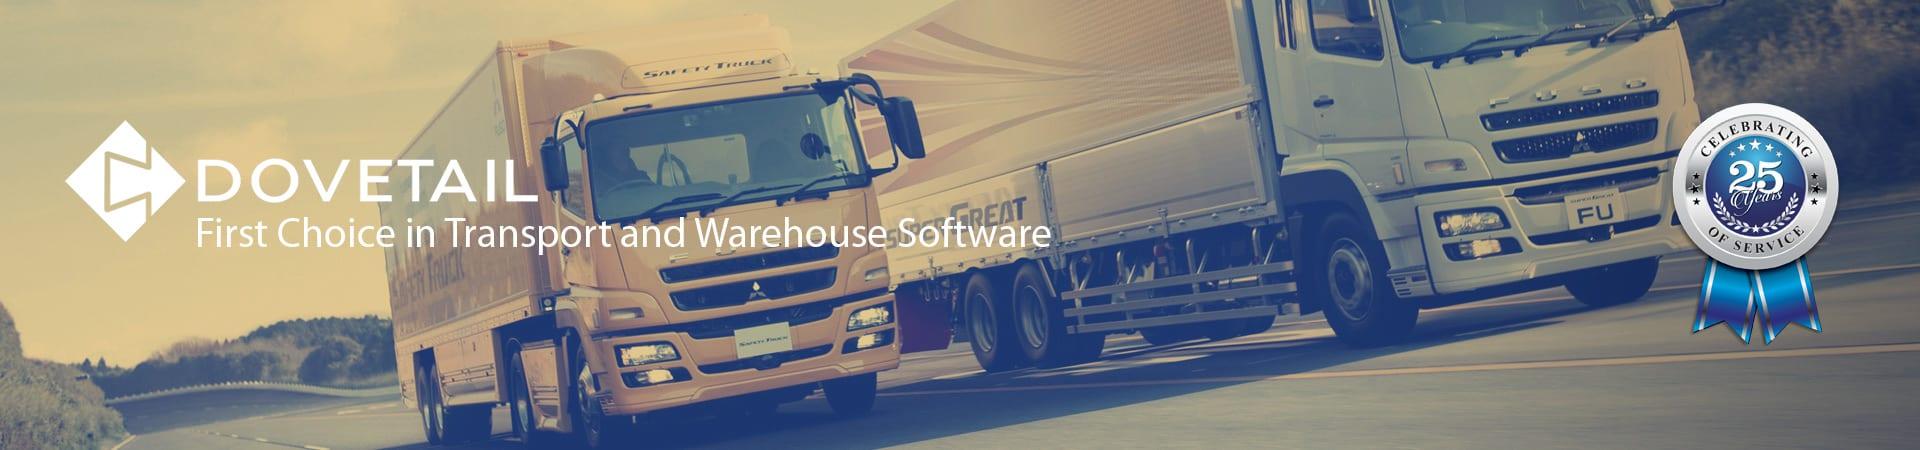 Freightware - Transport Management Software - World Class TMS